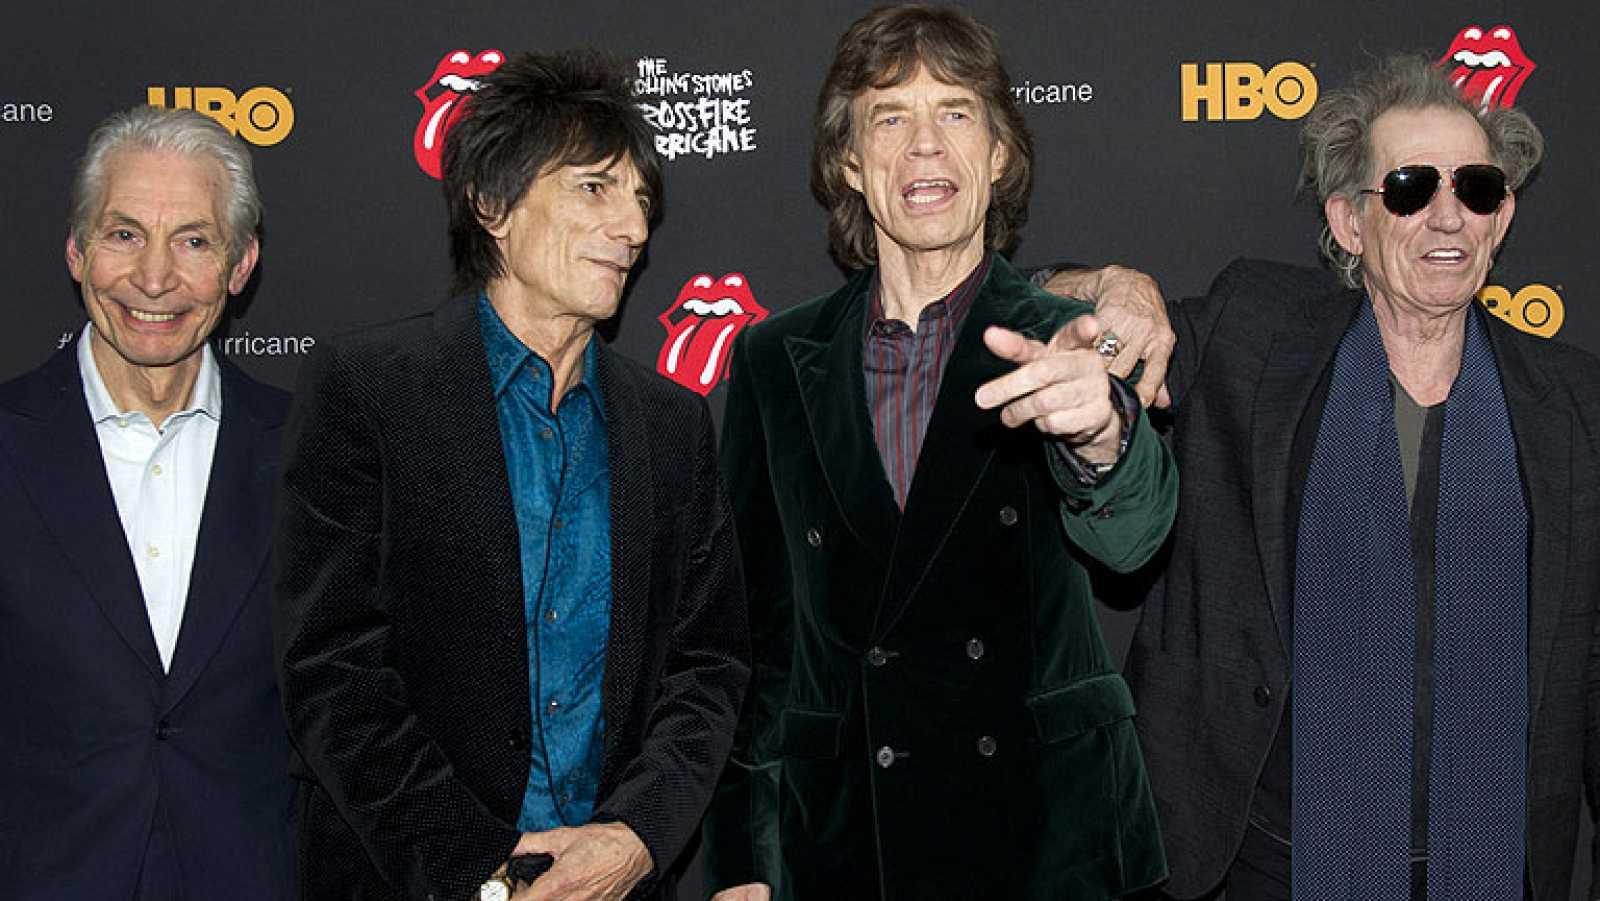 Los Rolling Stones vuelven a los escenarios